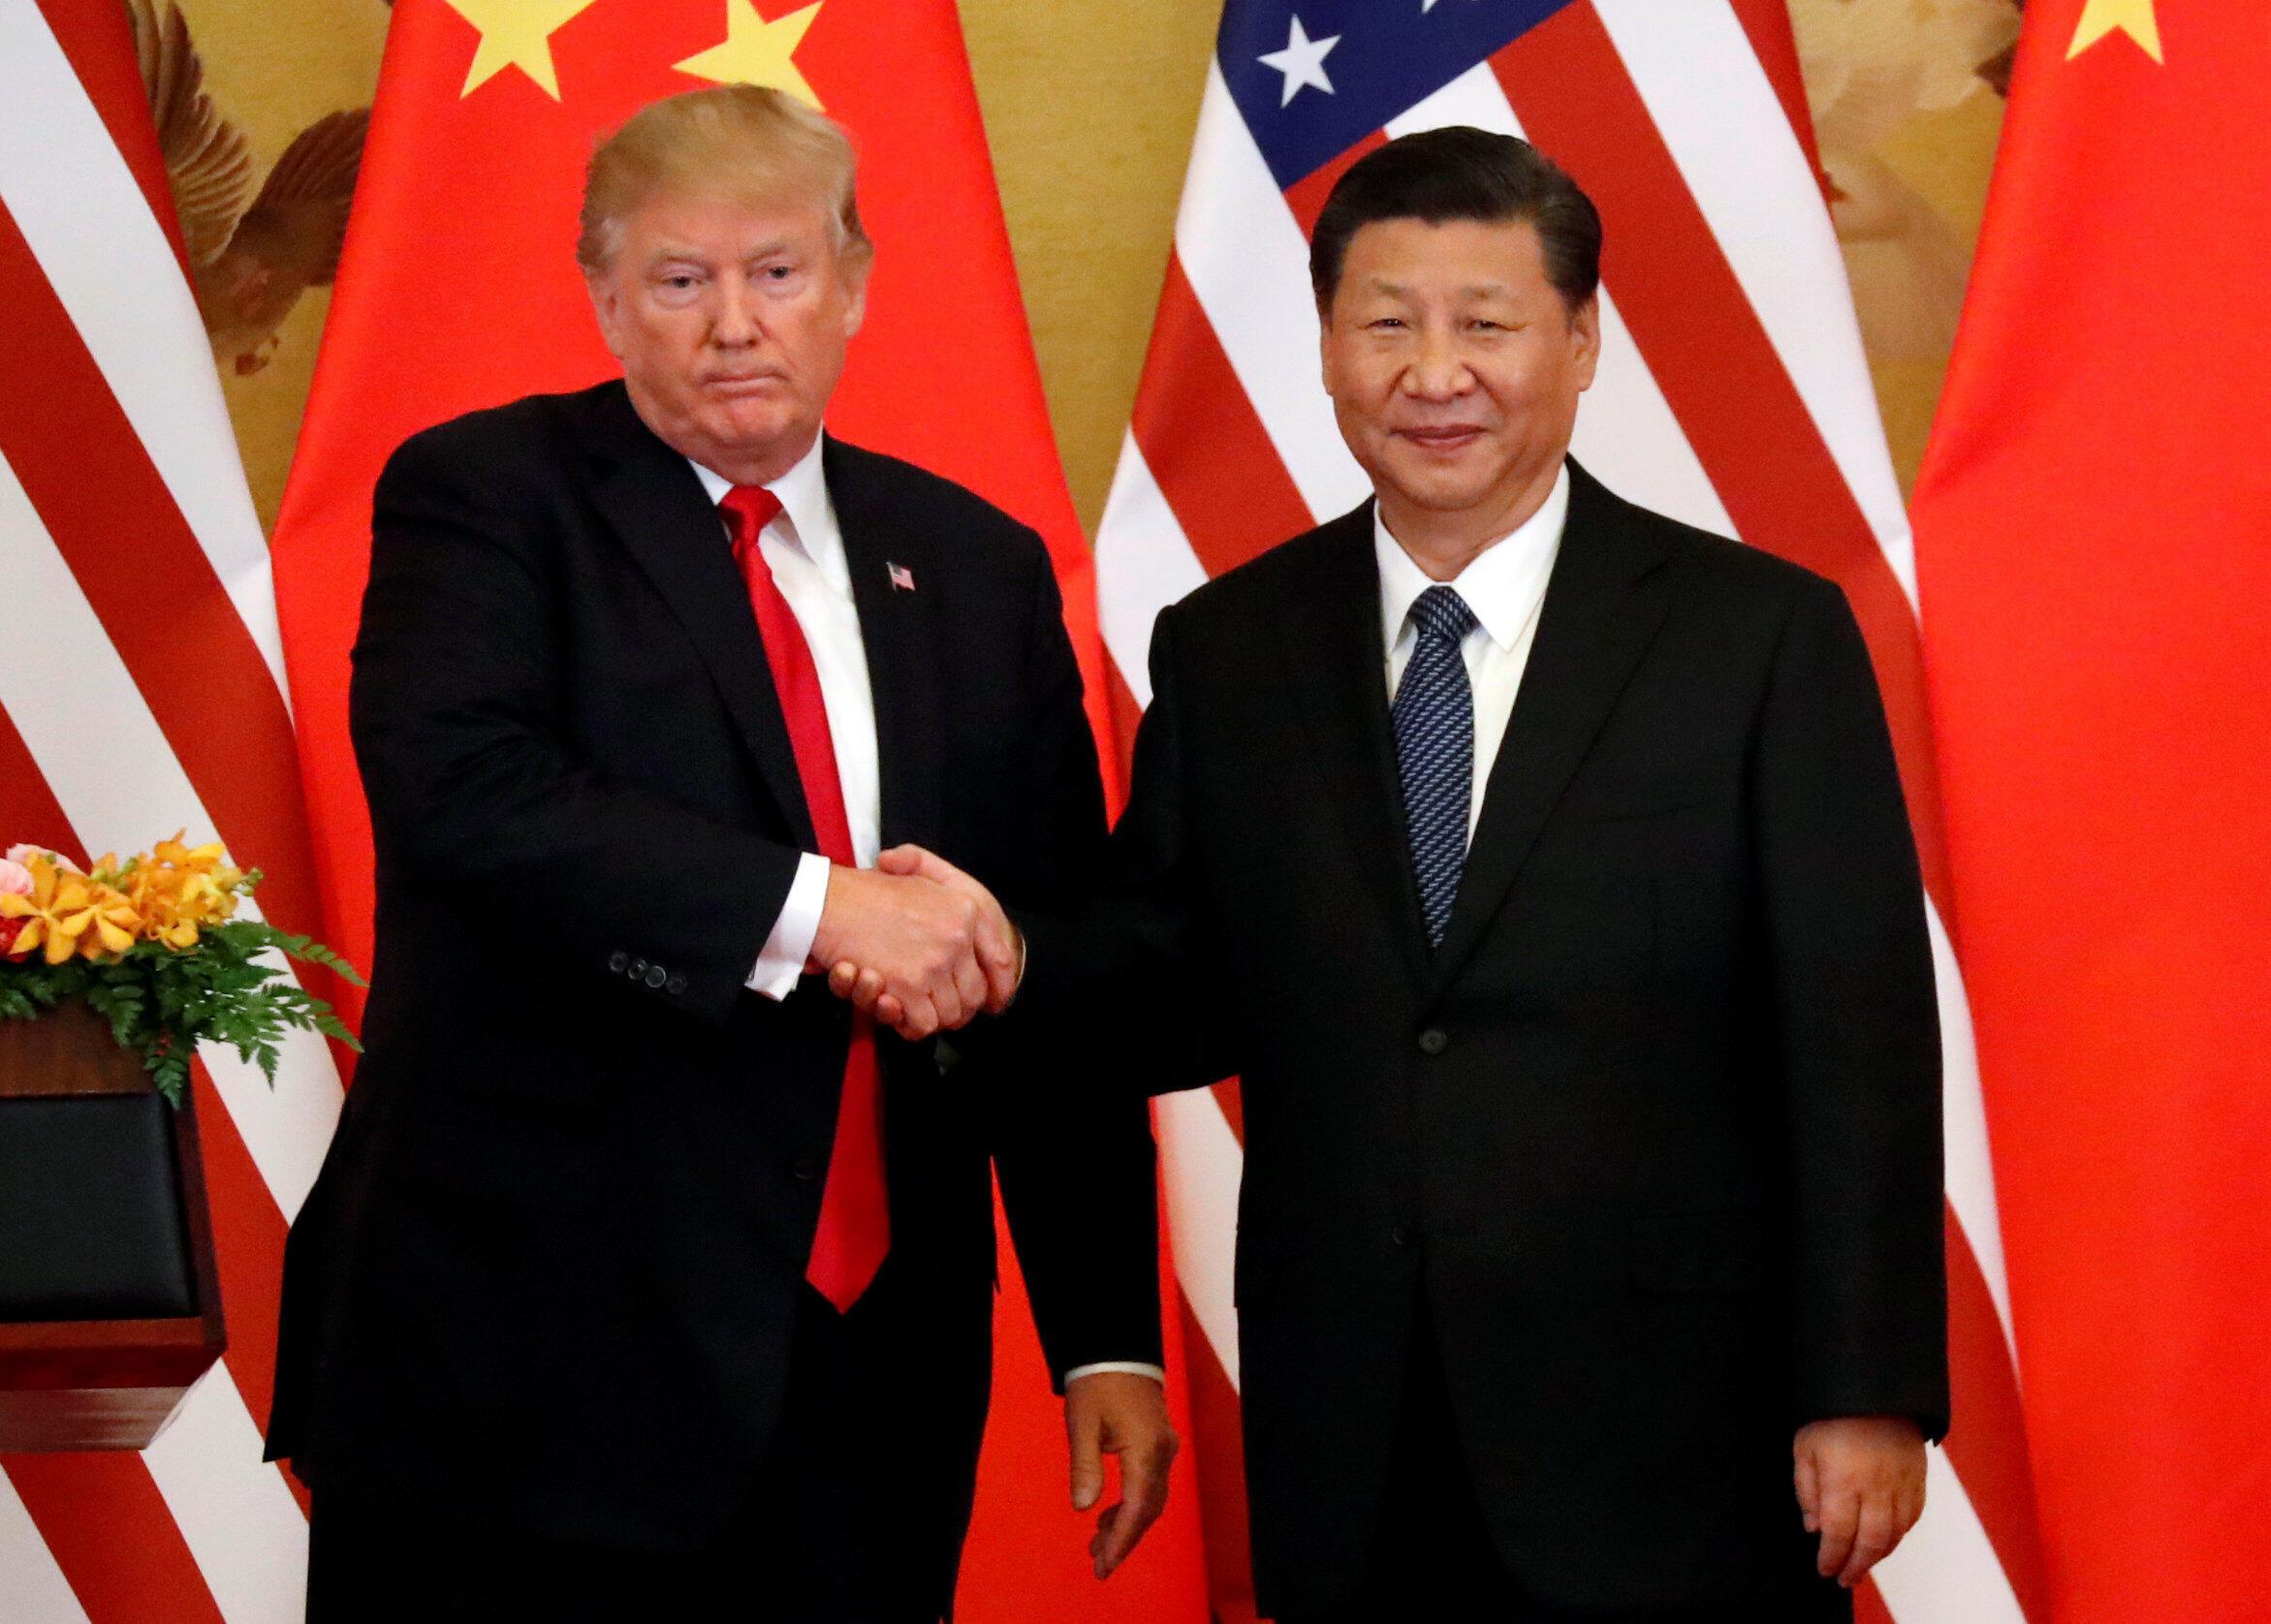 O presidente dos Estados Unidos, Donald Trump, declarou nesta quinta-feira estar convencido de que existe uma solução para a crise com a Coreia do Norte, durante uma reunião com seu homólogo chinês, Xi Jinping.